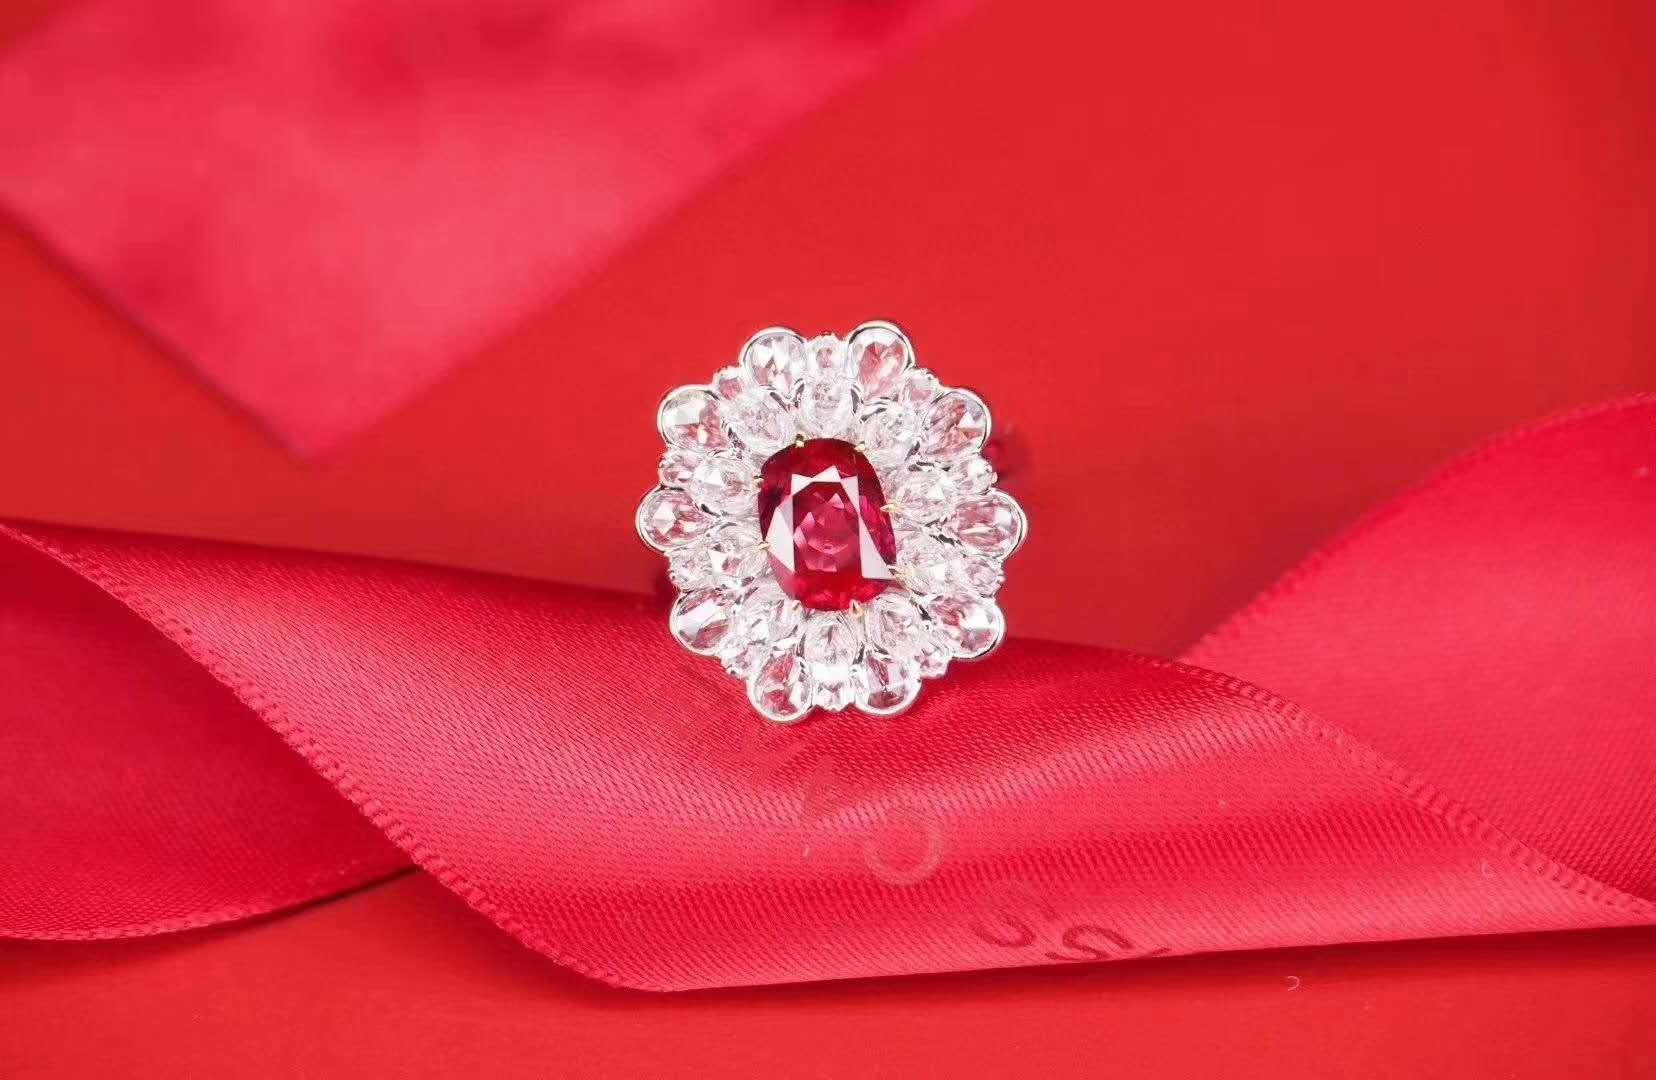 最大的红宝石到底有多大?红宝石的市场价格如何?